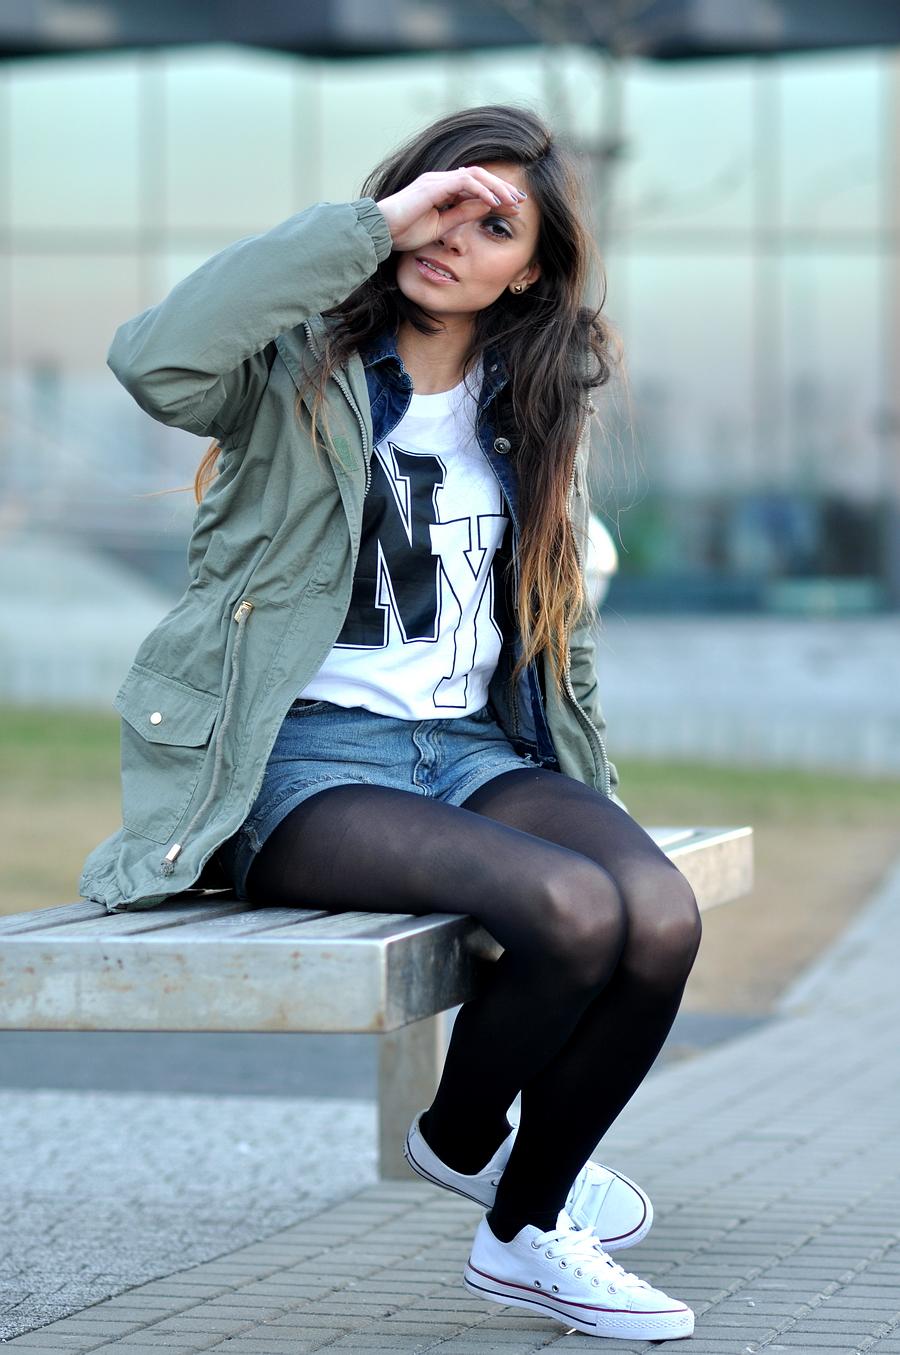 fajna dziewczyna agata AWF